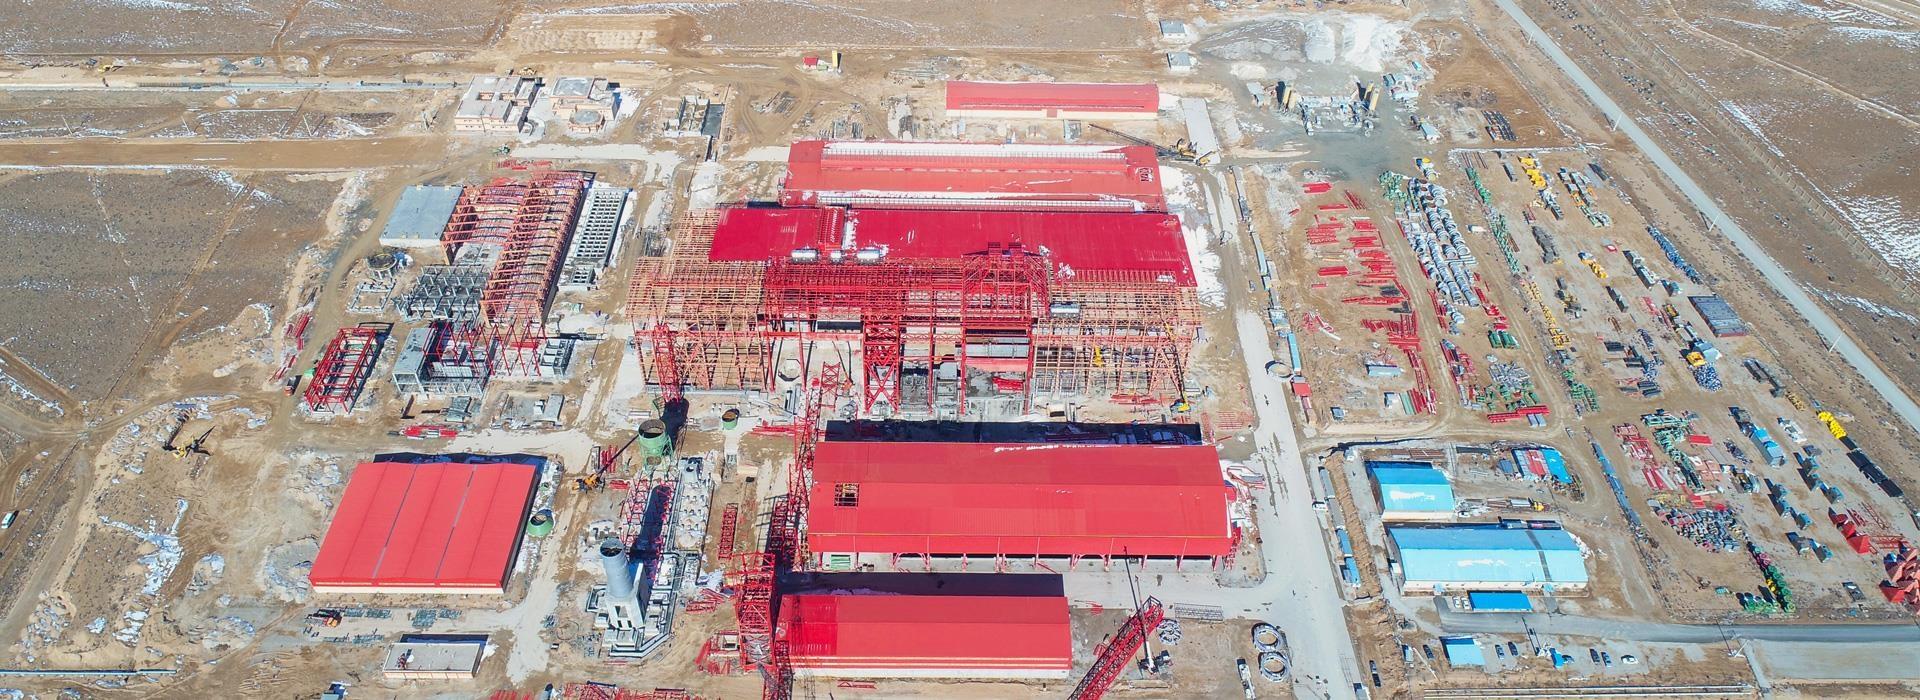 آغاز نصب تجهیزات سنگین فولادسازی سفیددشت/ پیشرفت طرح هم اکنون به 75درصد رسید